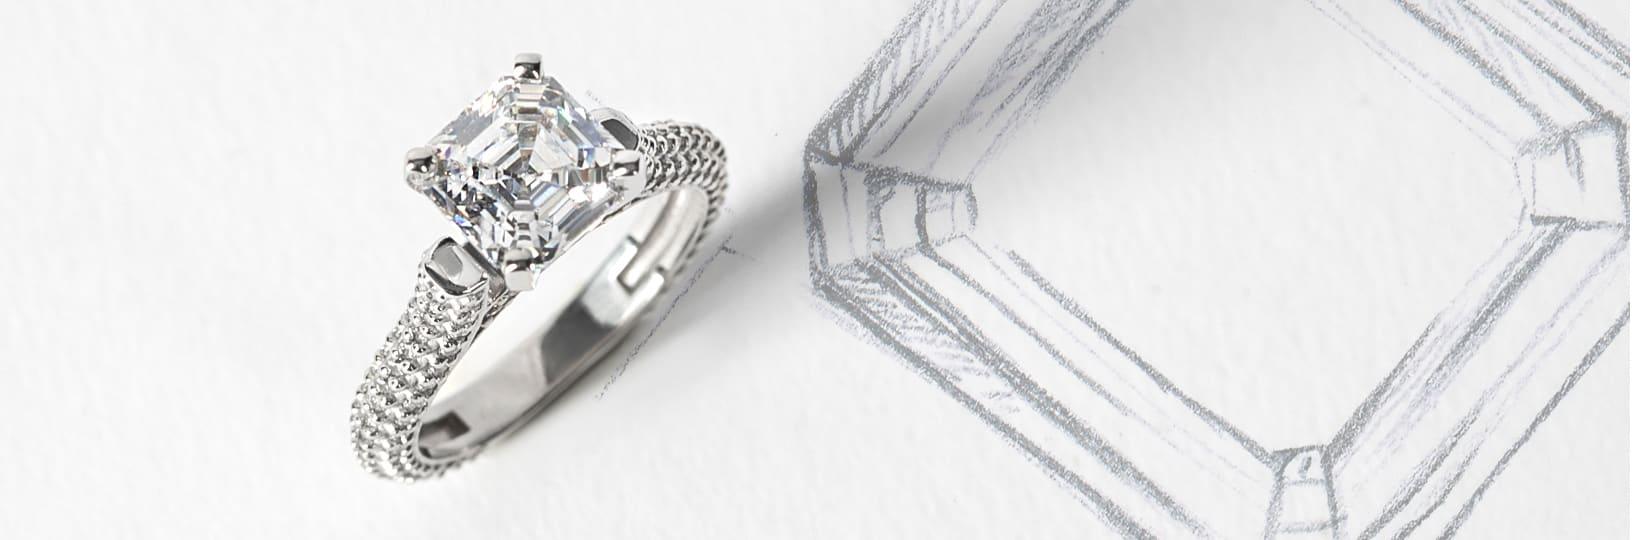 Asscher cut engagement ring with Asscher cut sketch